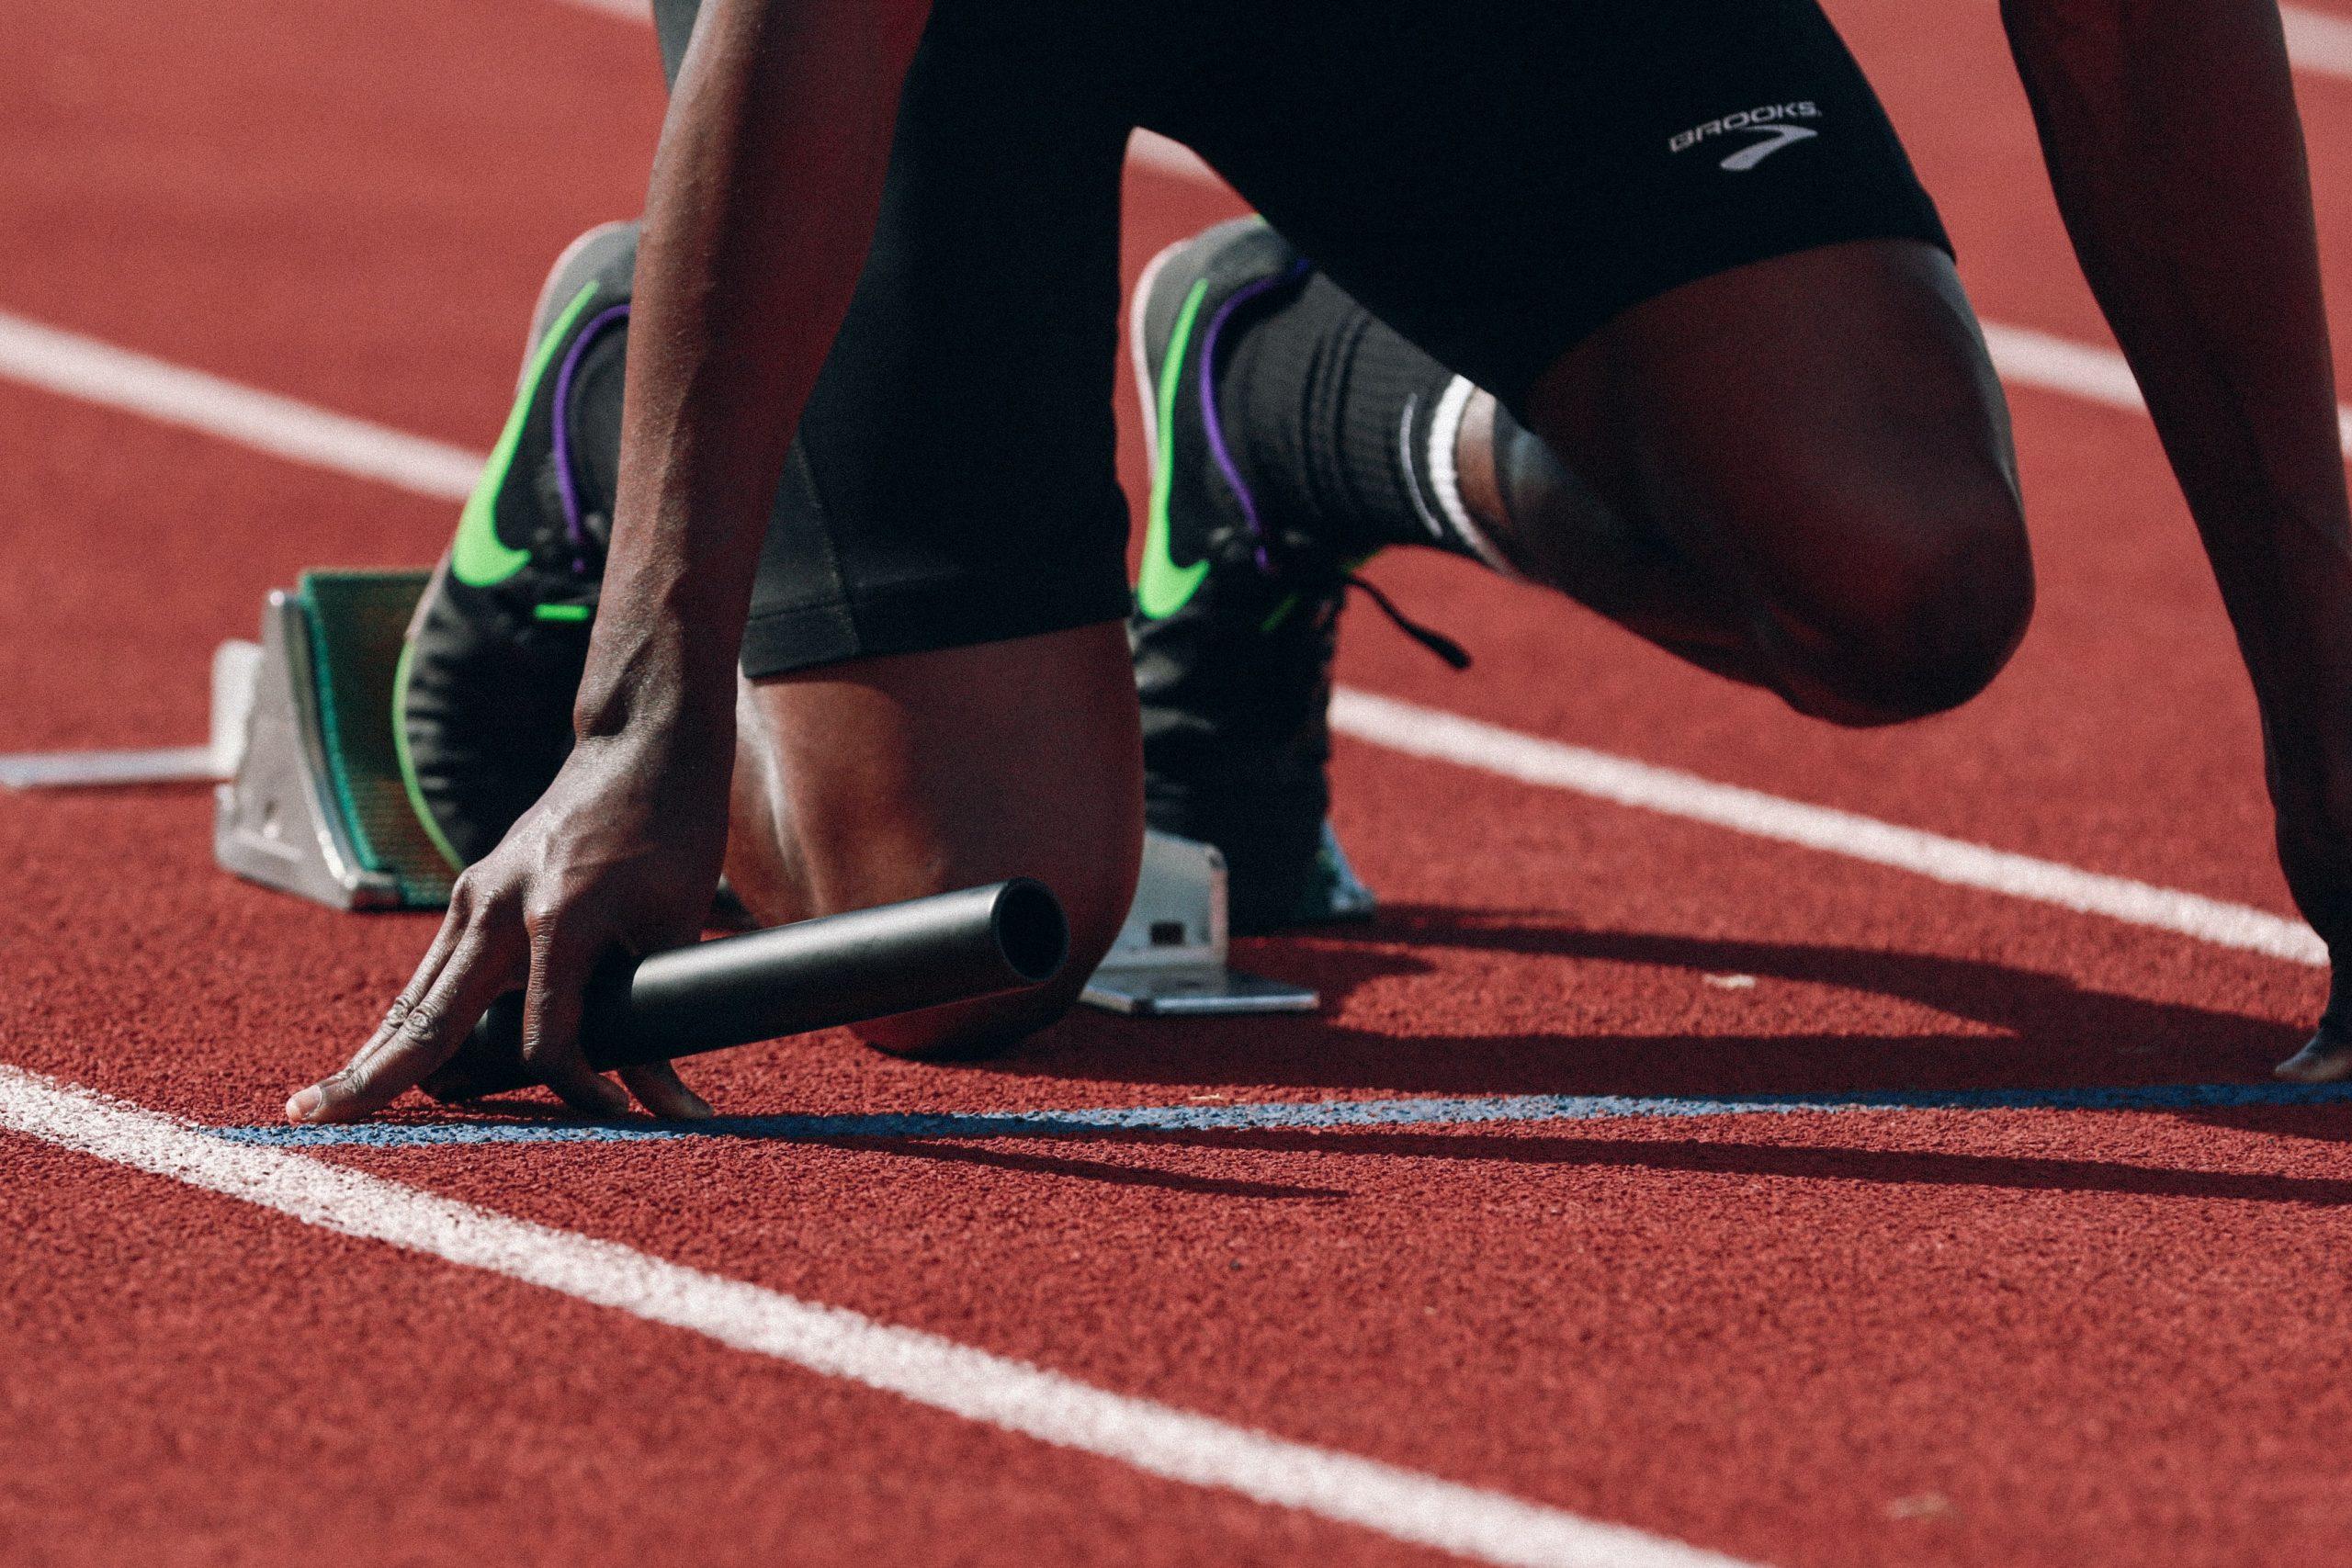 Runner on starting block